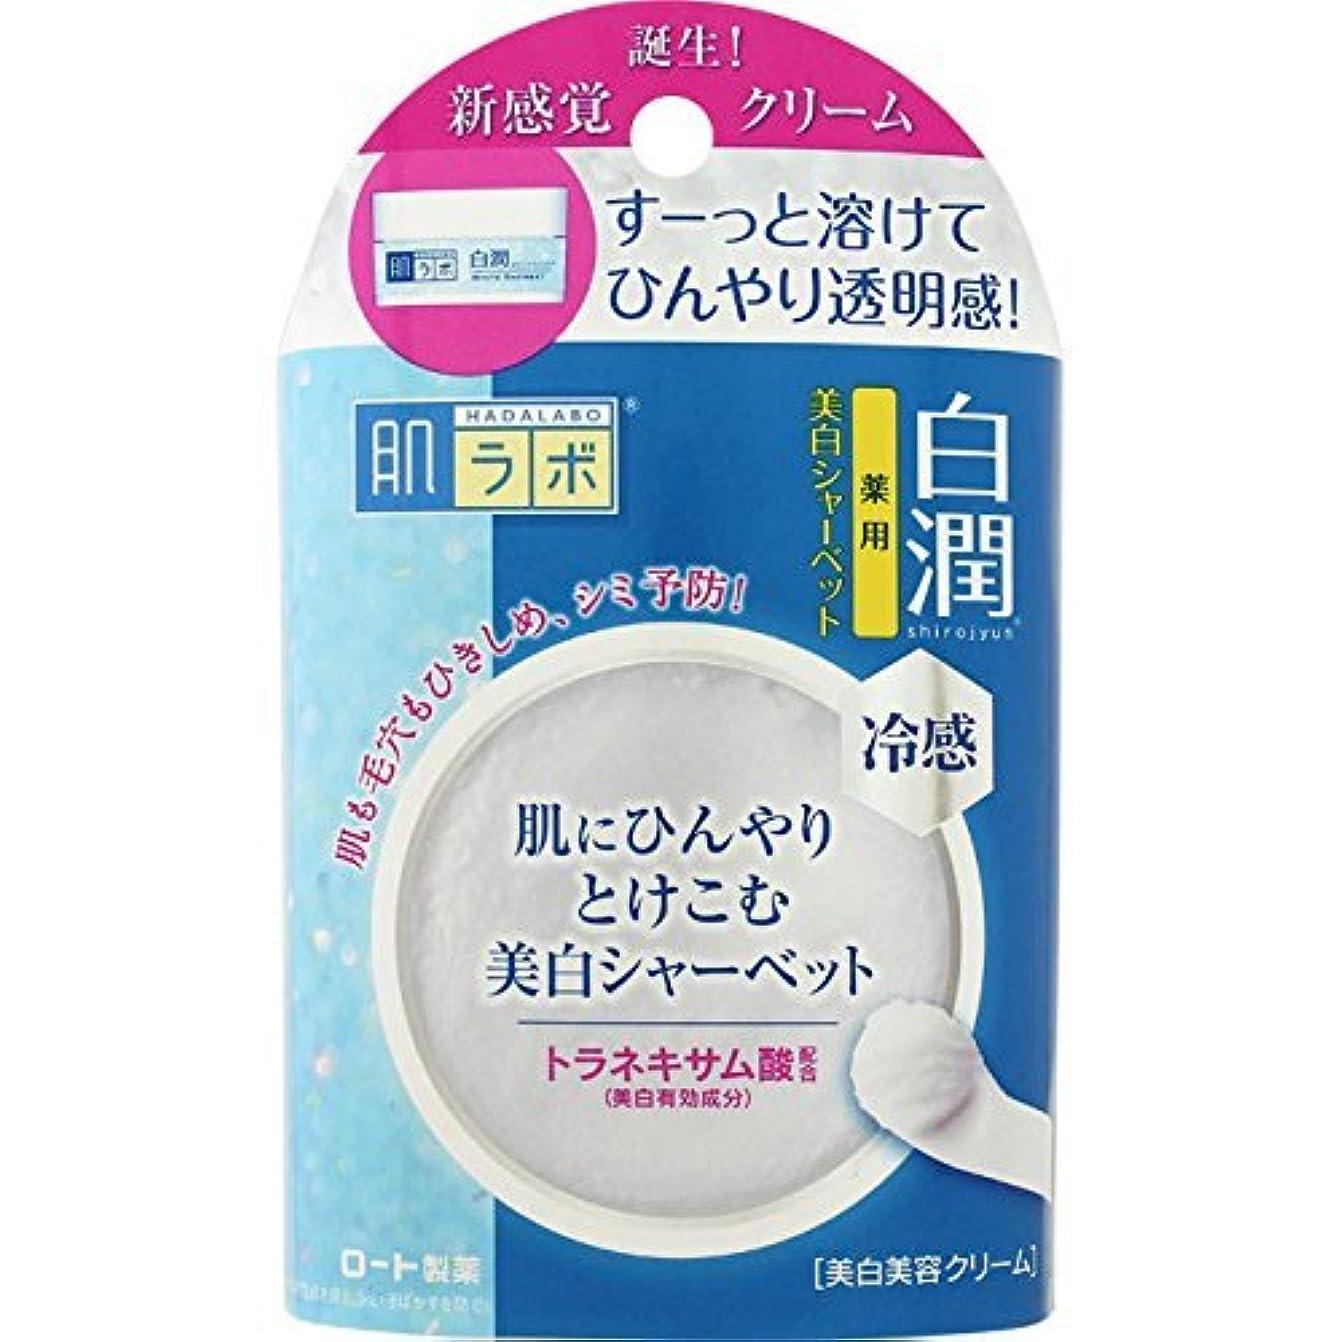 起こりやすいそこからモス肌ラボ 白潤 冷感美白シャーベット30g (医薬部外品)×5